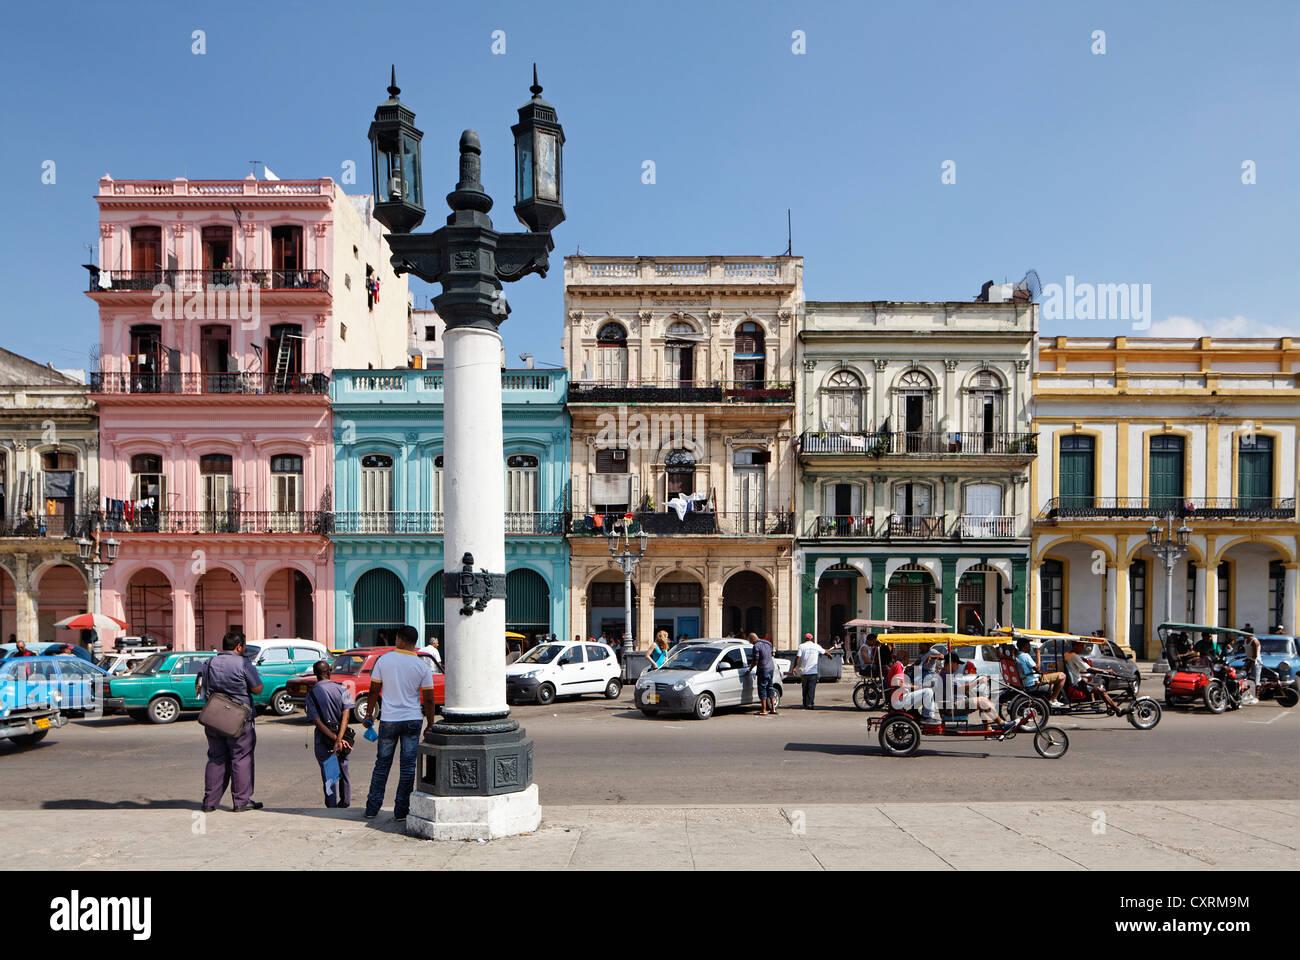 Rue avec rangée de maisons, candélabres, lanternes Villa San Cristobal de La Habana, vieille ville, La Photo Stock